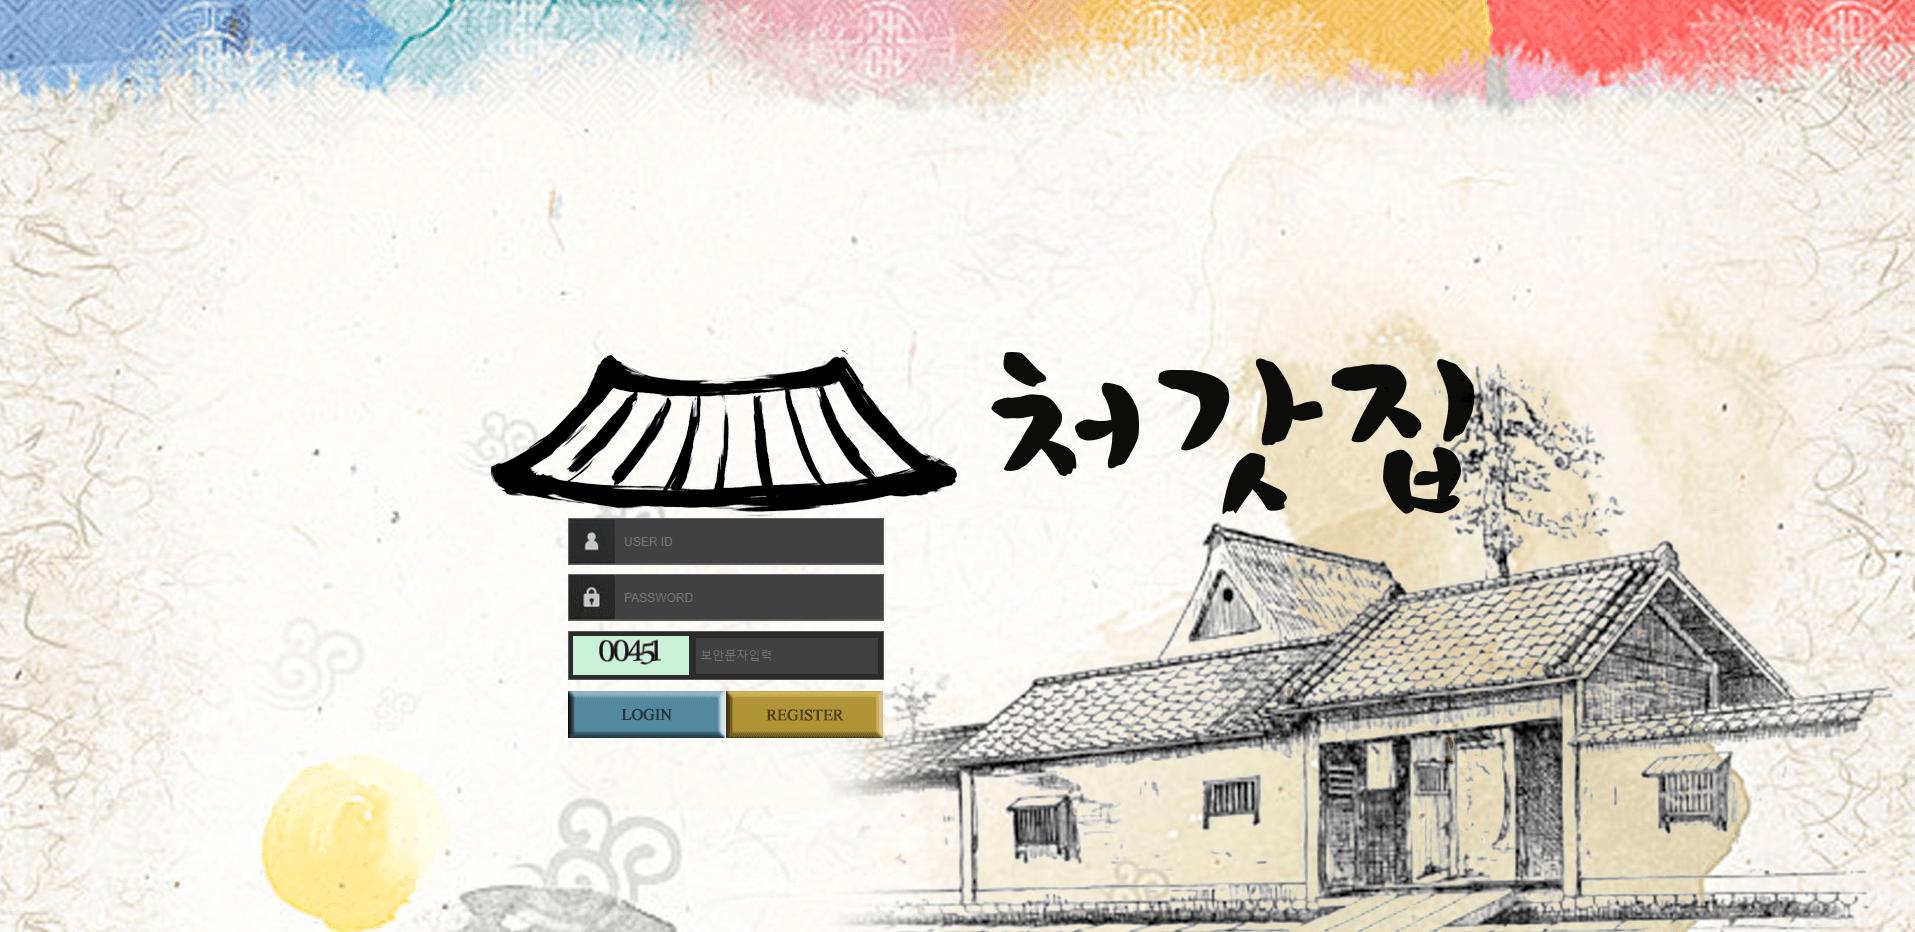 [먹튀검증]처갓집 먹튀사이트확정on-nc.com먹튀검증업체 토토안내소